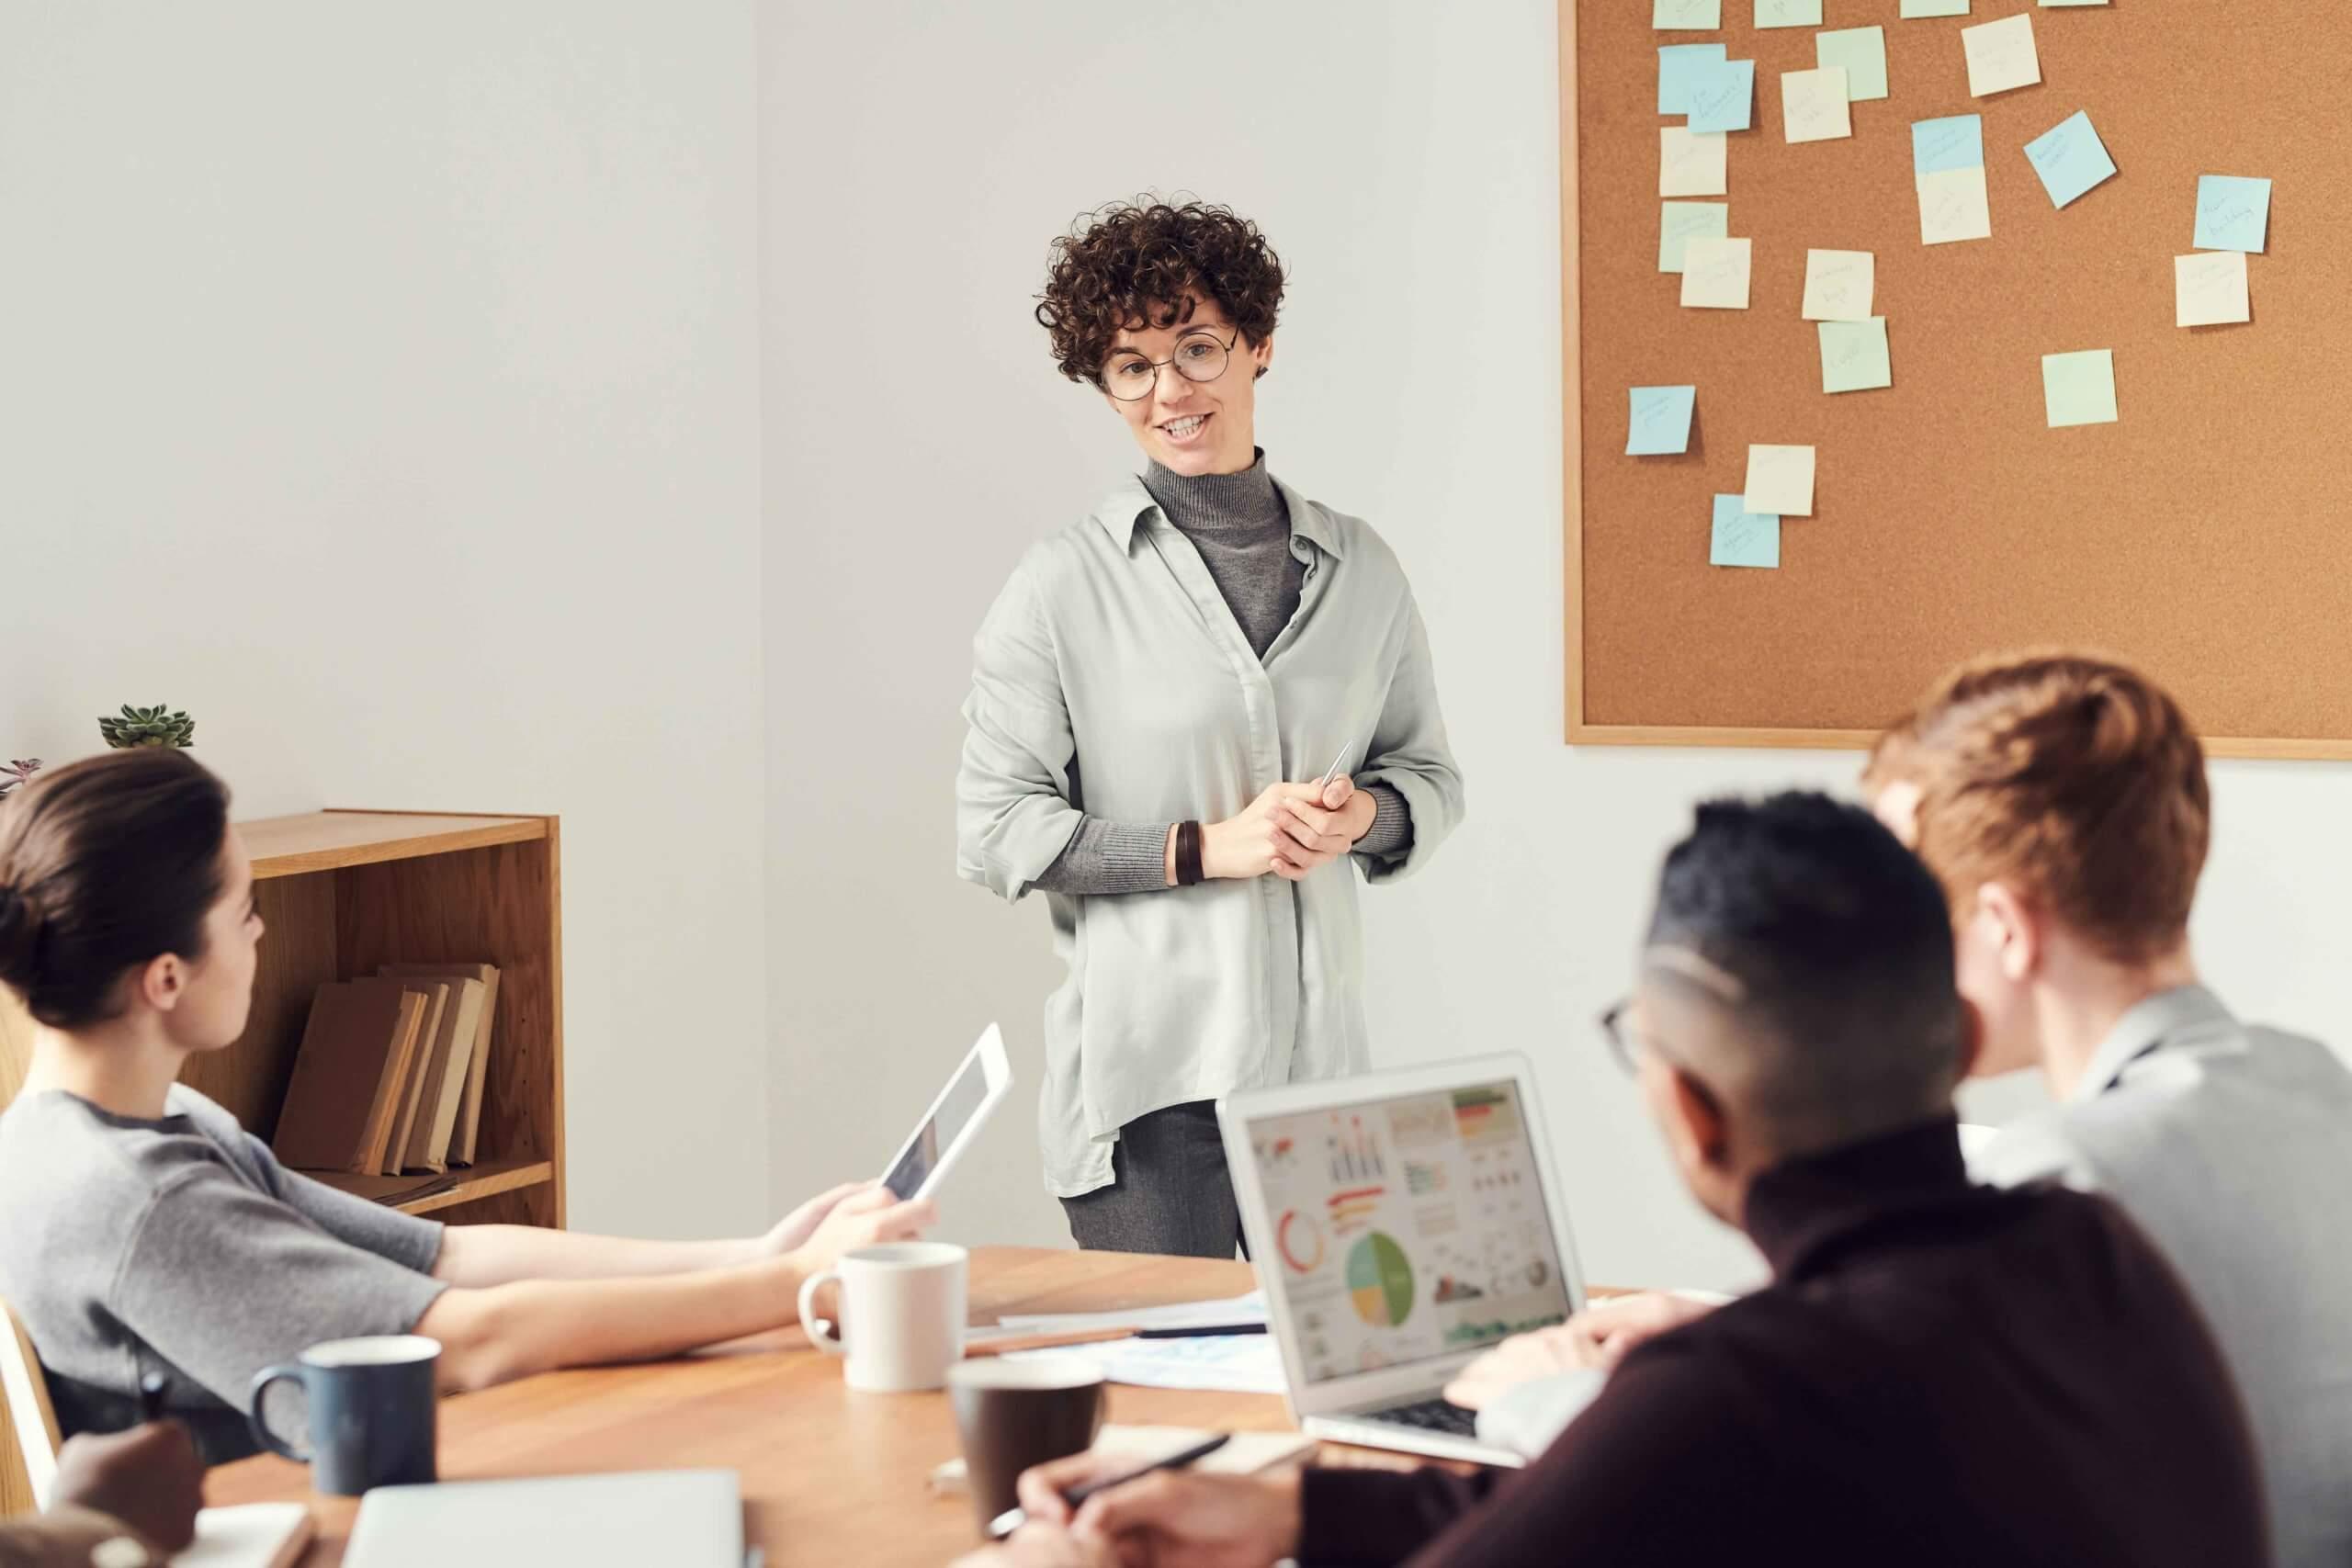 Kolleg*innen beraten sich über Arbeitgeberattraktivität